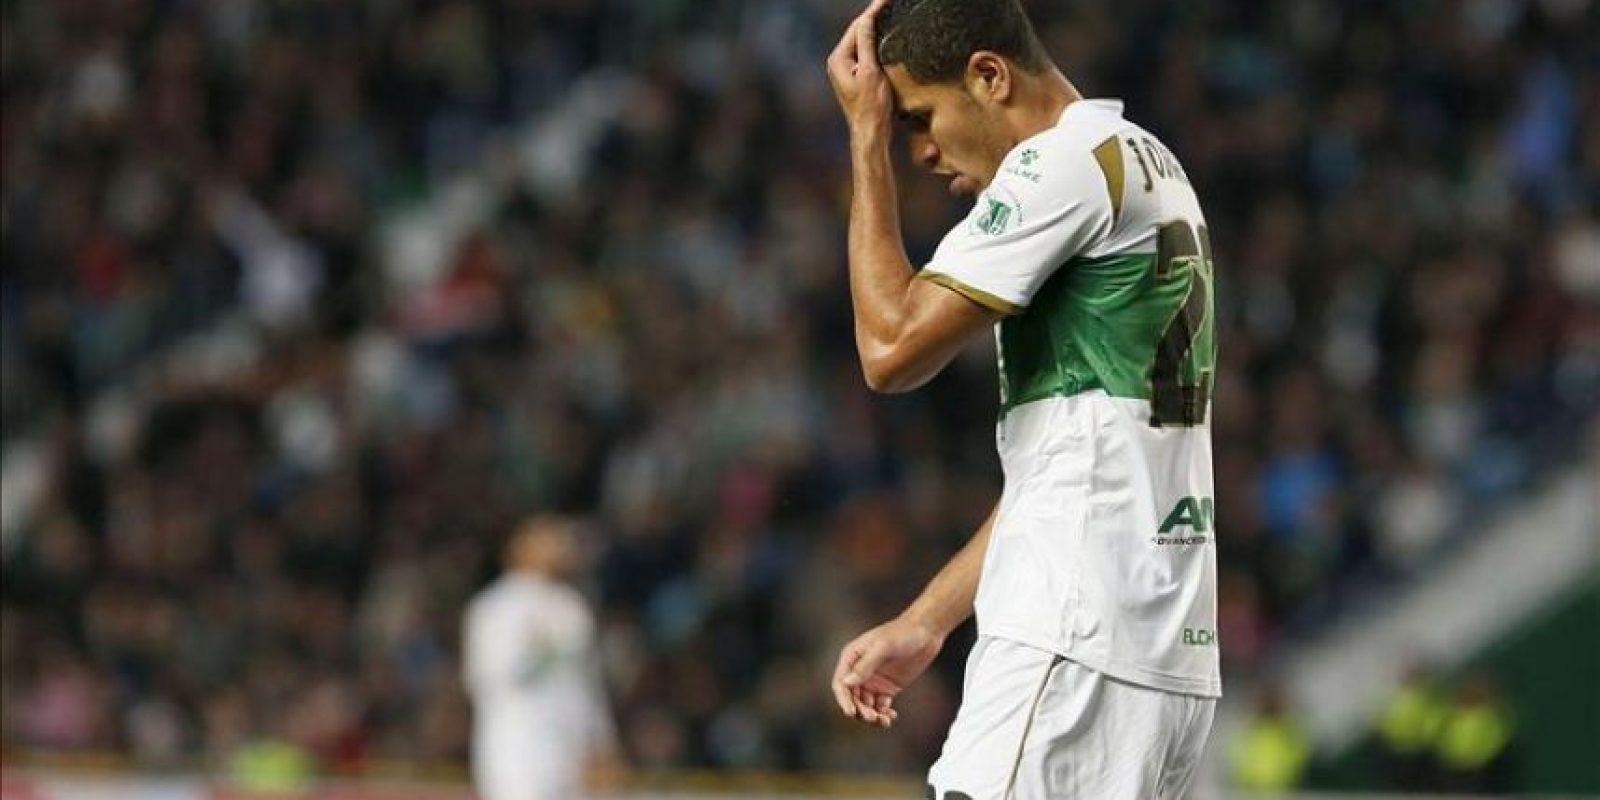 El delantero brasileño del Elche, Jonathas de Jesus, se lamenta de una ocasión fallada ante el Barcelona en el partido de la vigésima jornada de liga en Primera División que se disputó en el estadio Martínez Valero.EFE